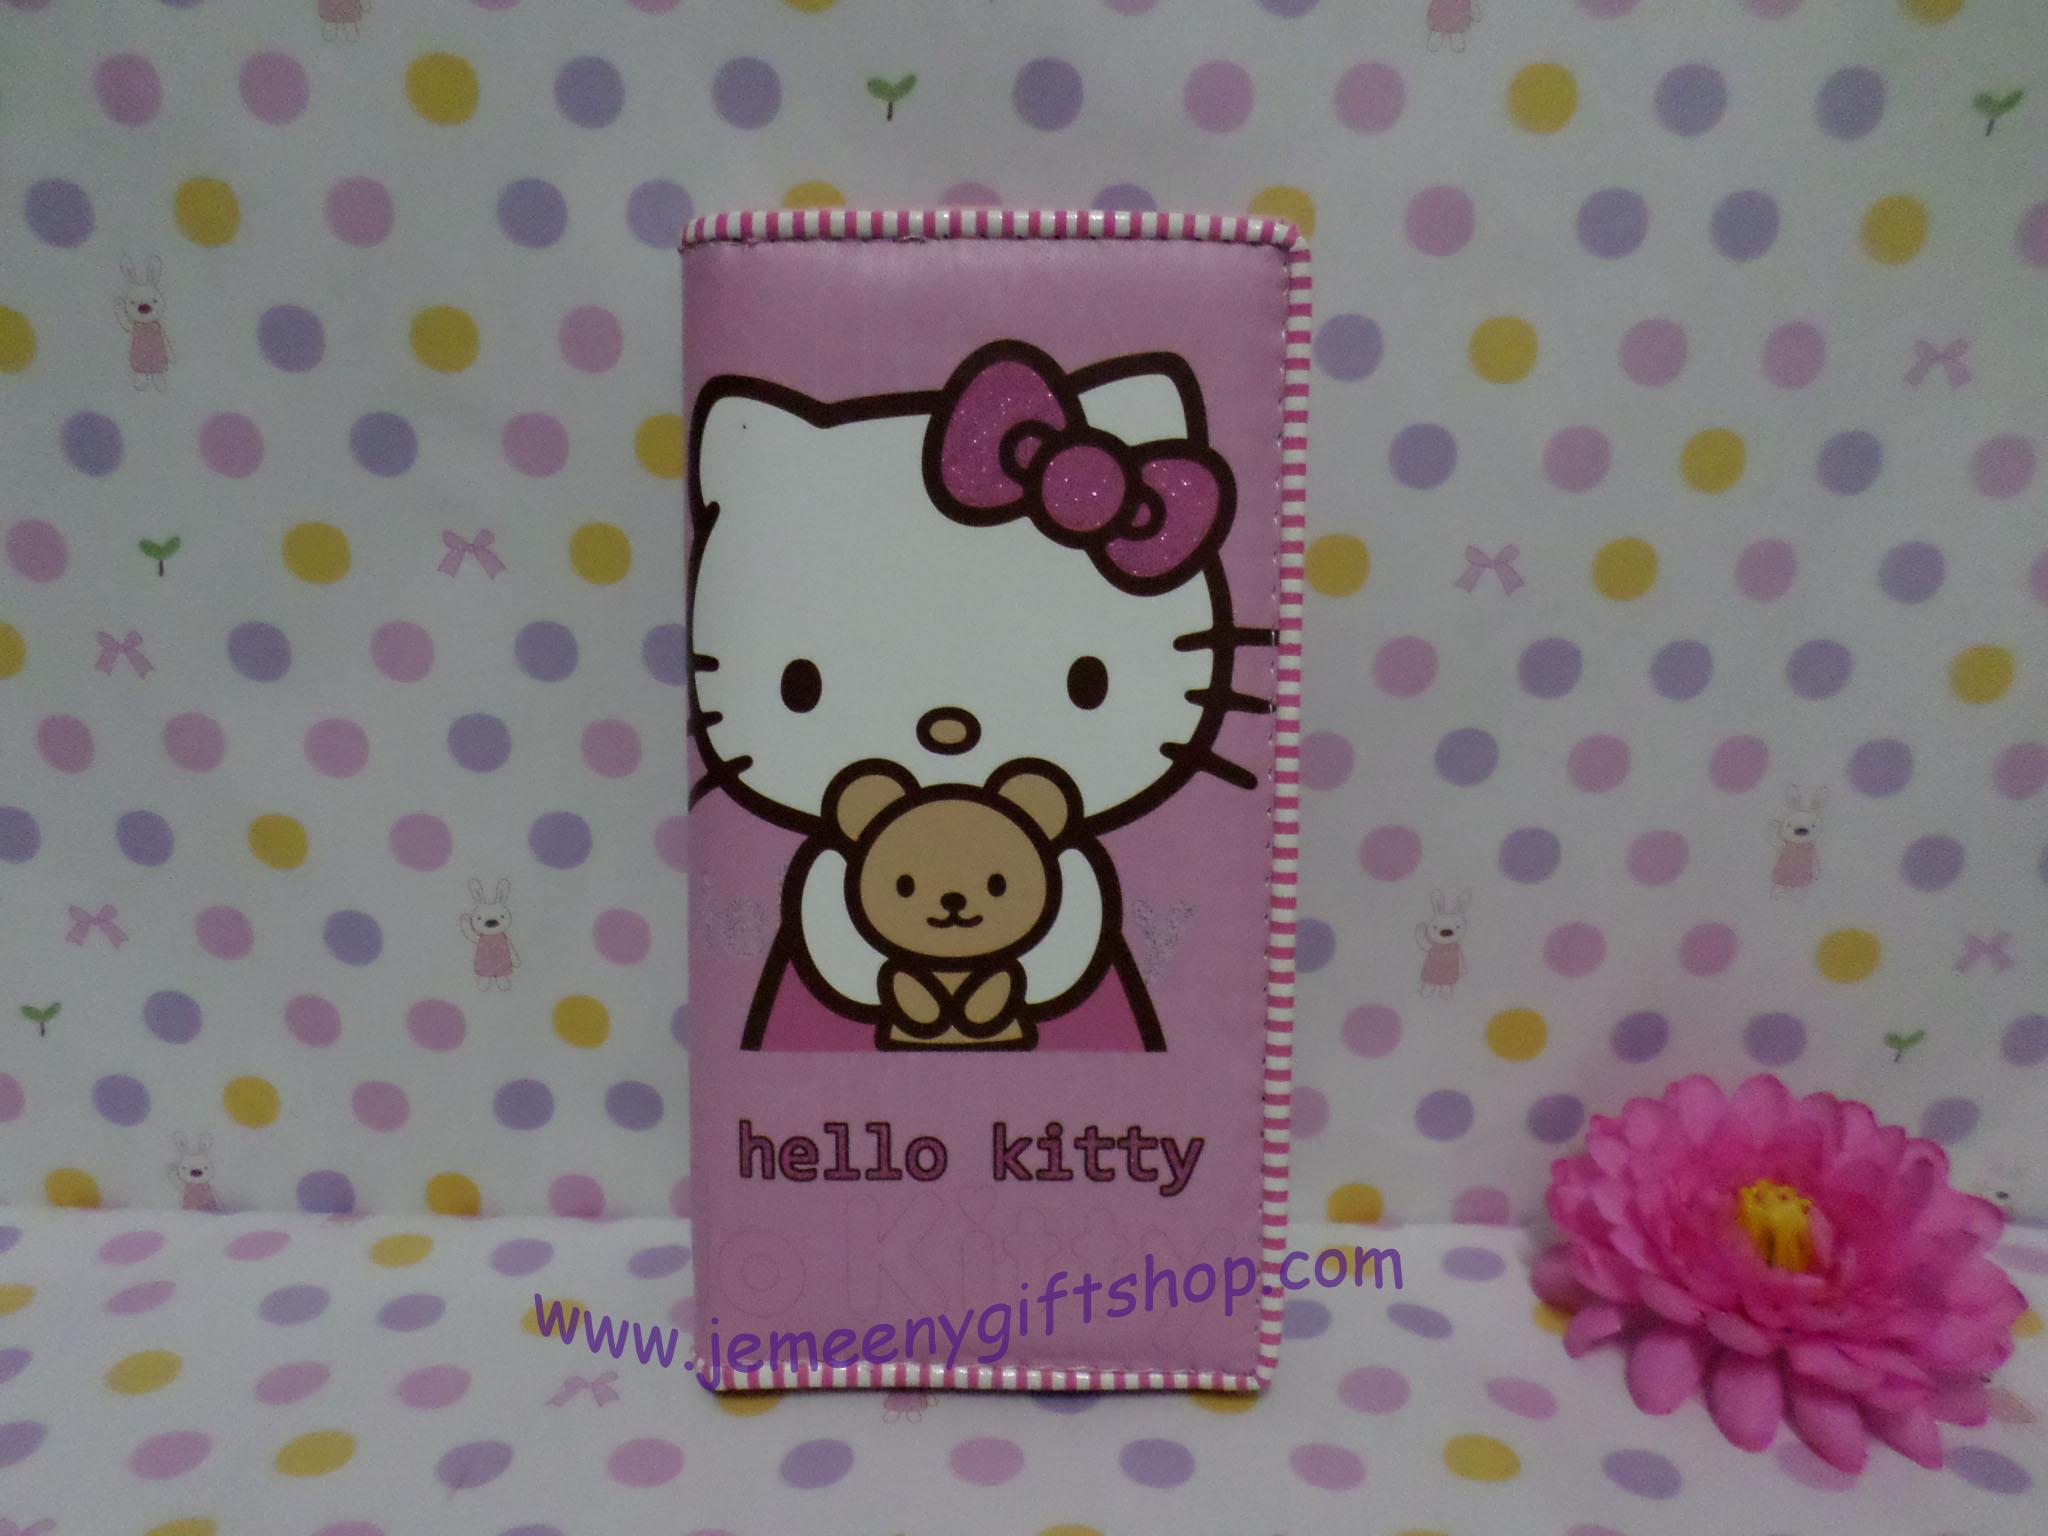 กระเป๋าสตางศ์ใบยาว ฮัลโหลคิตตี้ Hello kitty#15 ขนาด 7.5 นิ้ว x 4 นิ้ว ลายคิตตี้หมี พื้นสีชมพูอ่อน ซิปรอบ